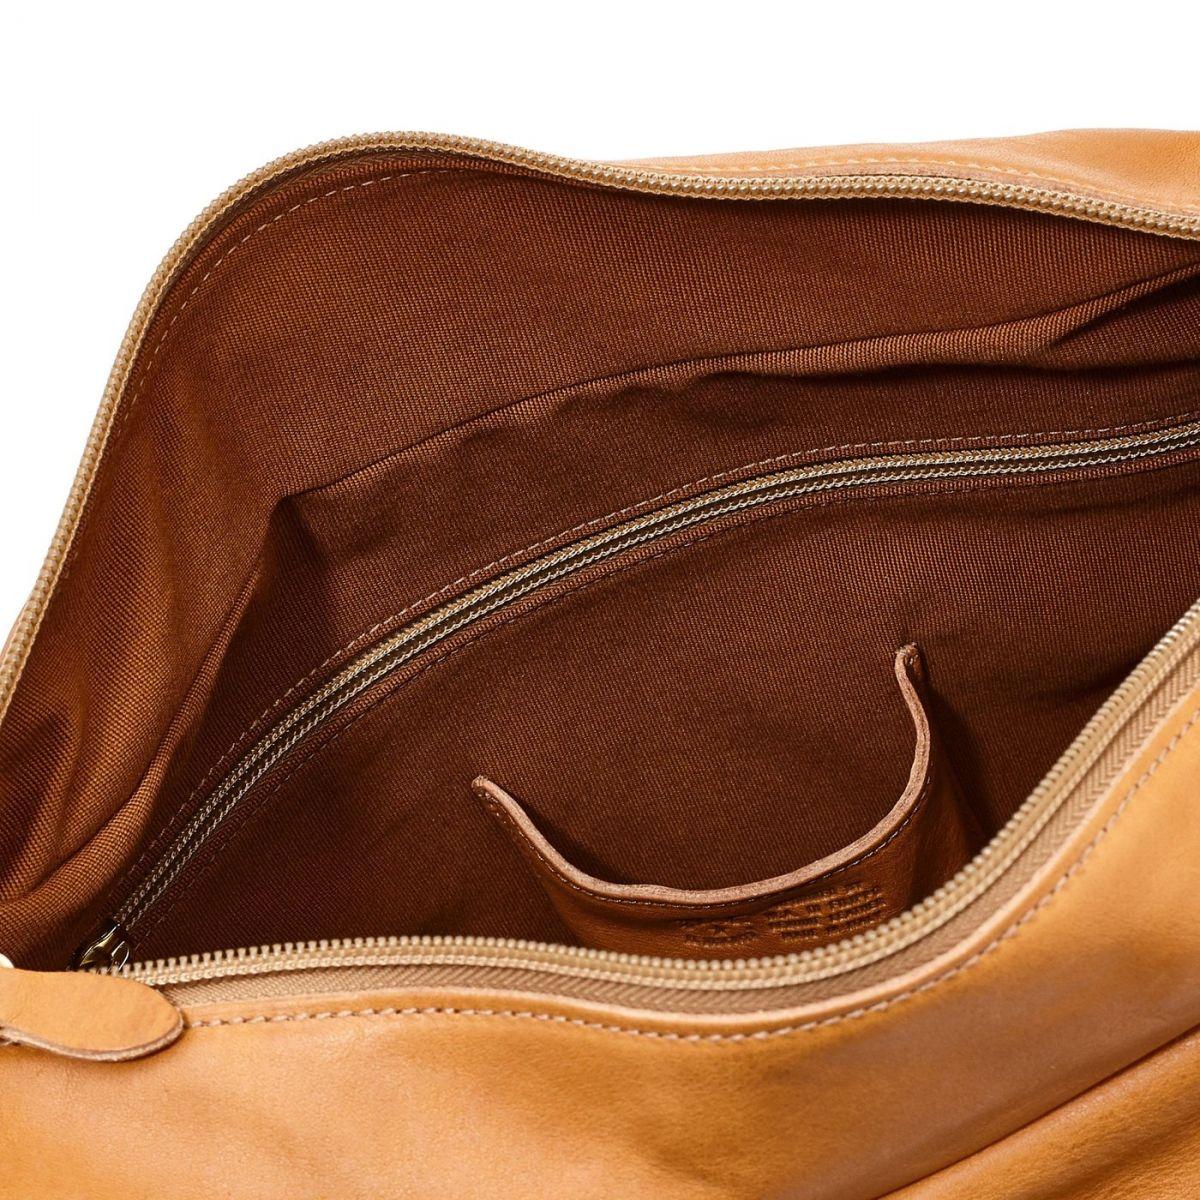 Women's Shoulder Bag in Vintage Cowhide Leather BSH021 color Natural | Details